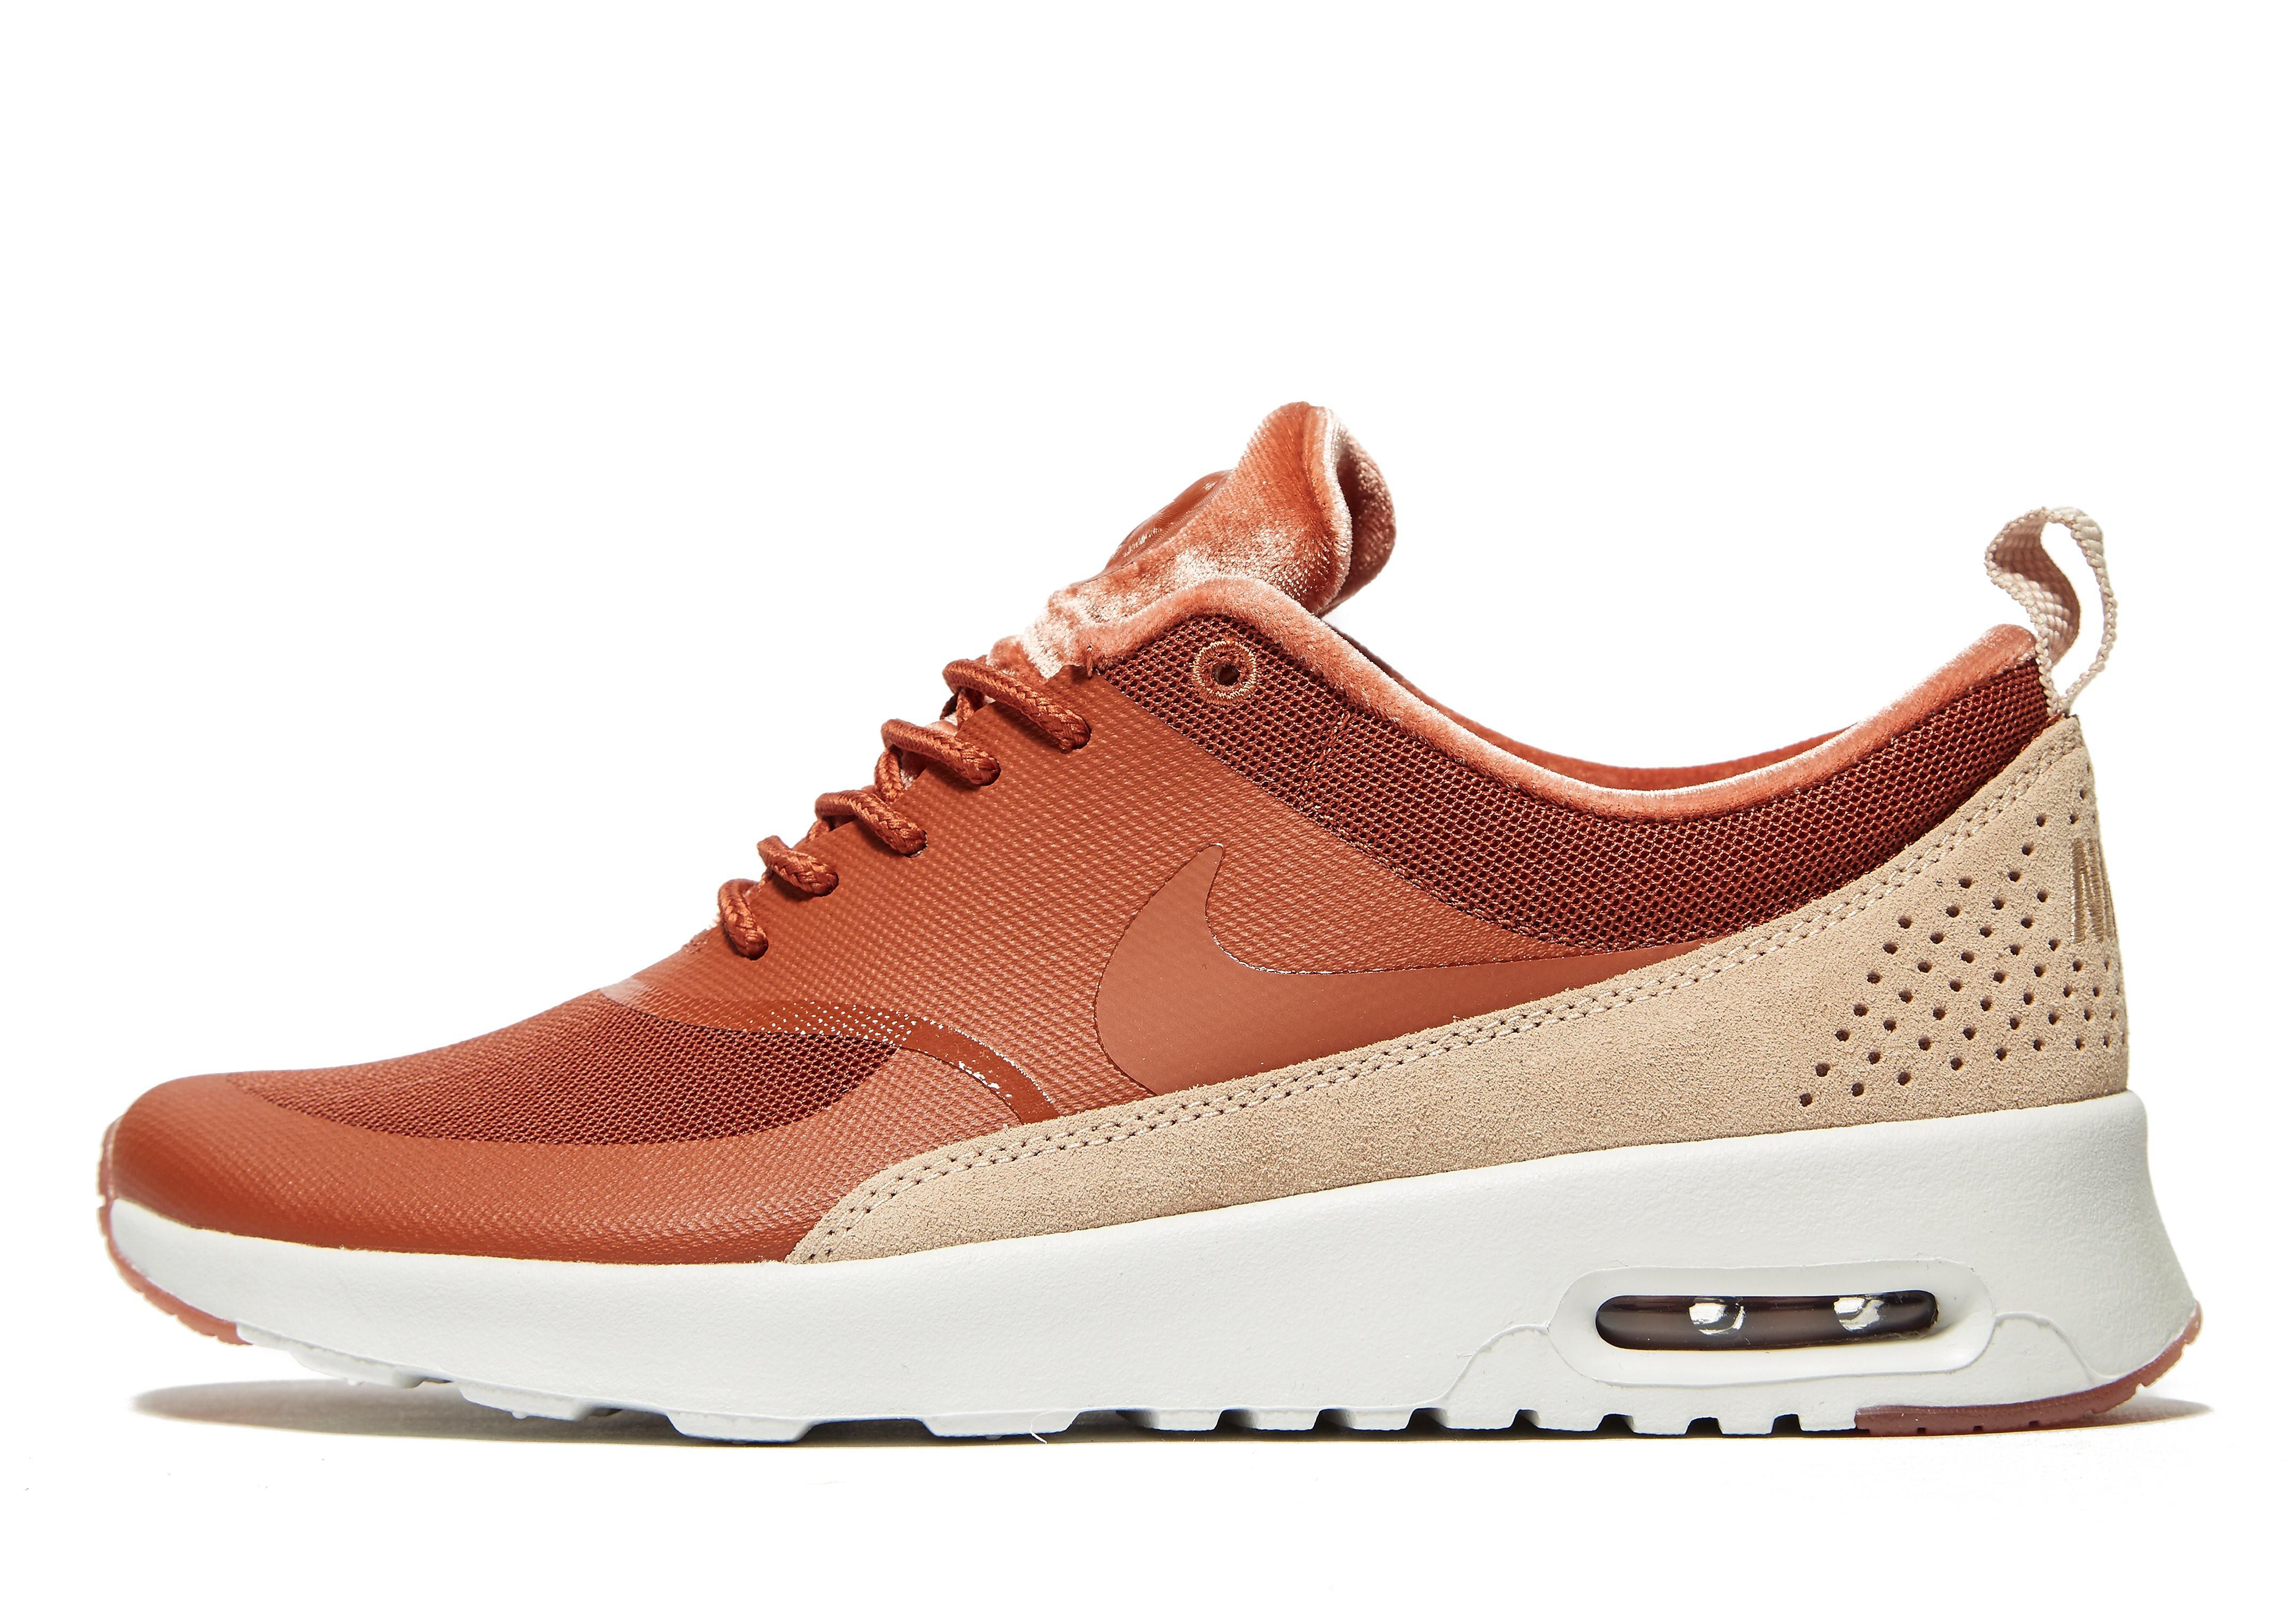 Nike Air Max Thea Damen Dunkel-Pfirsisch